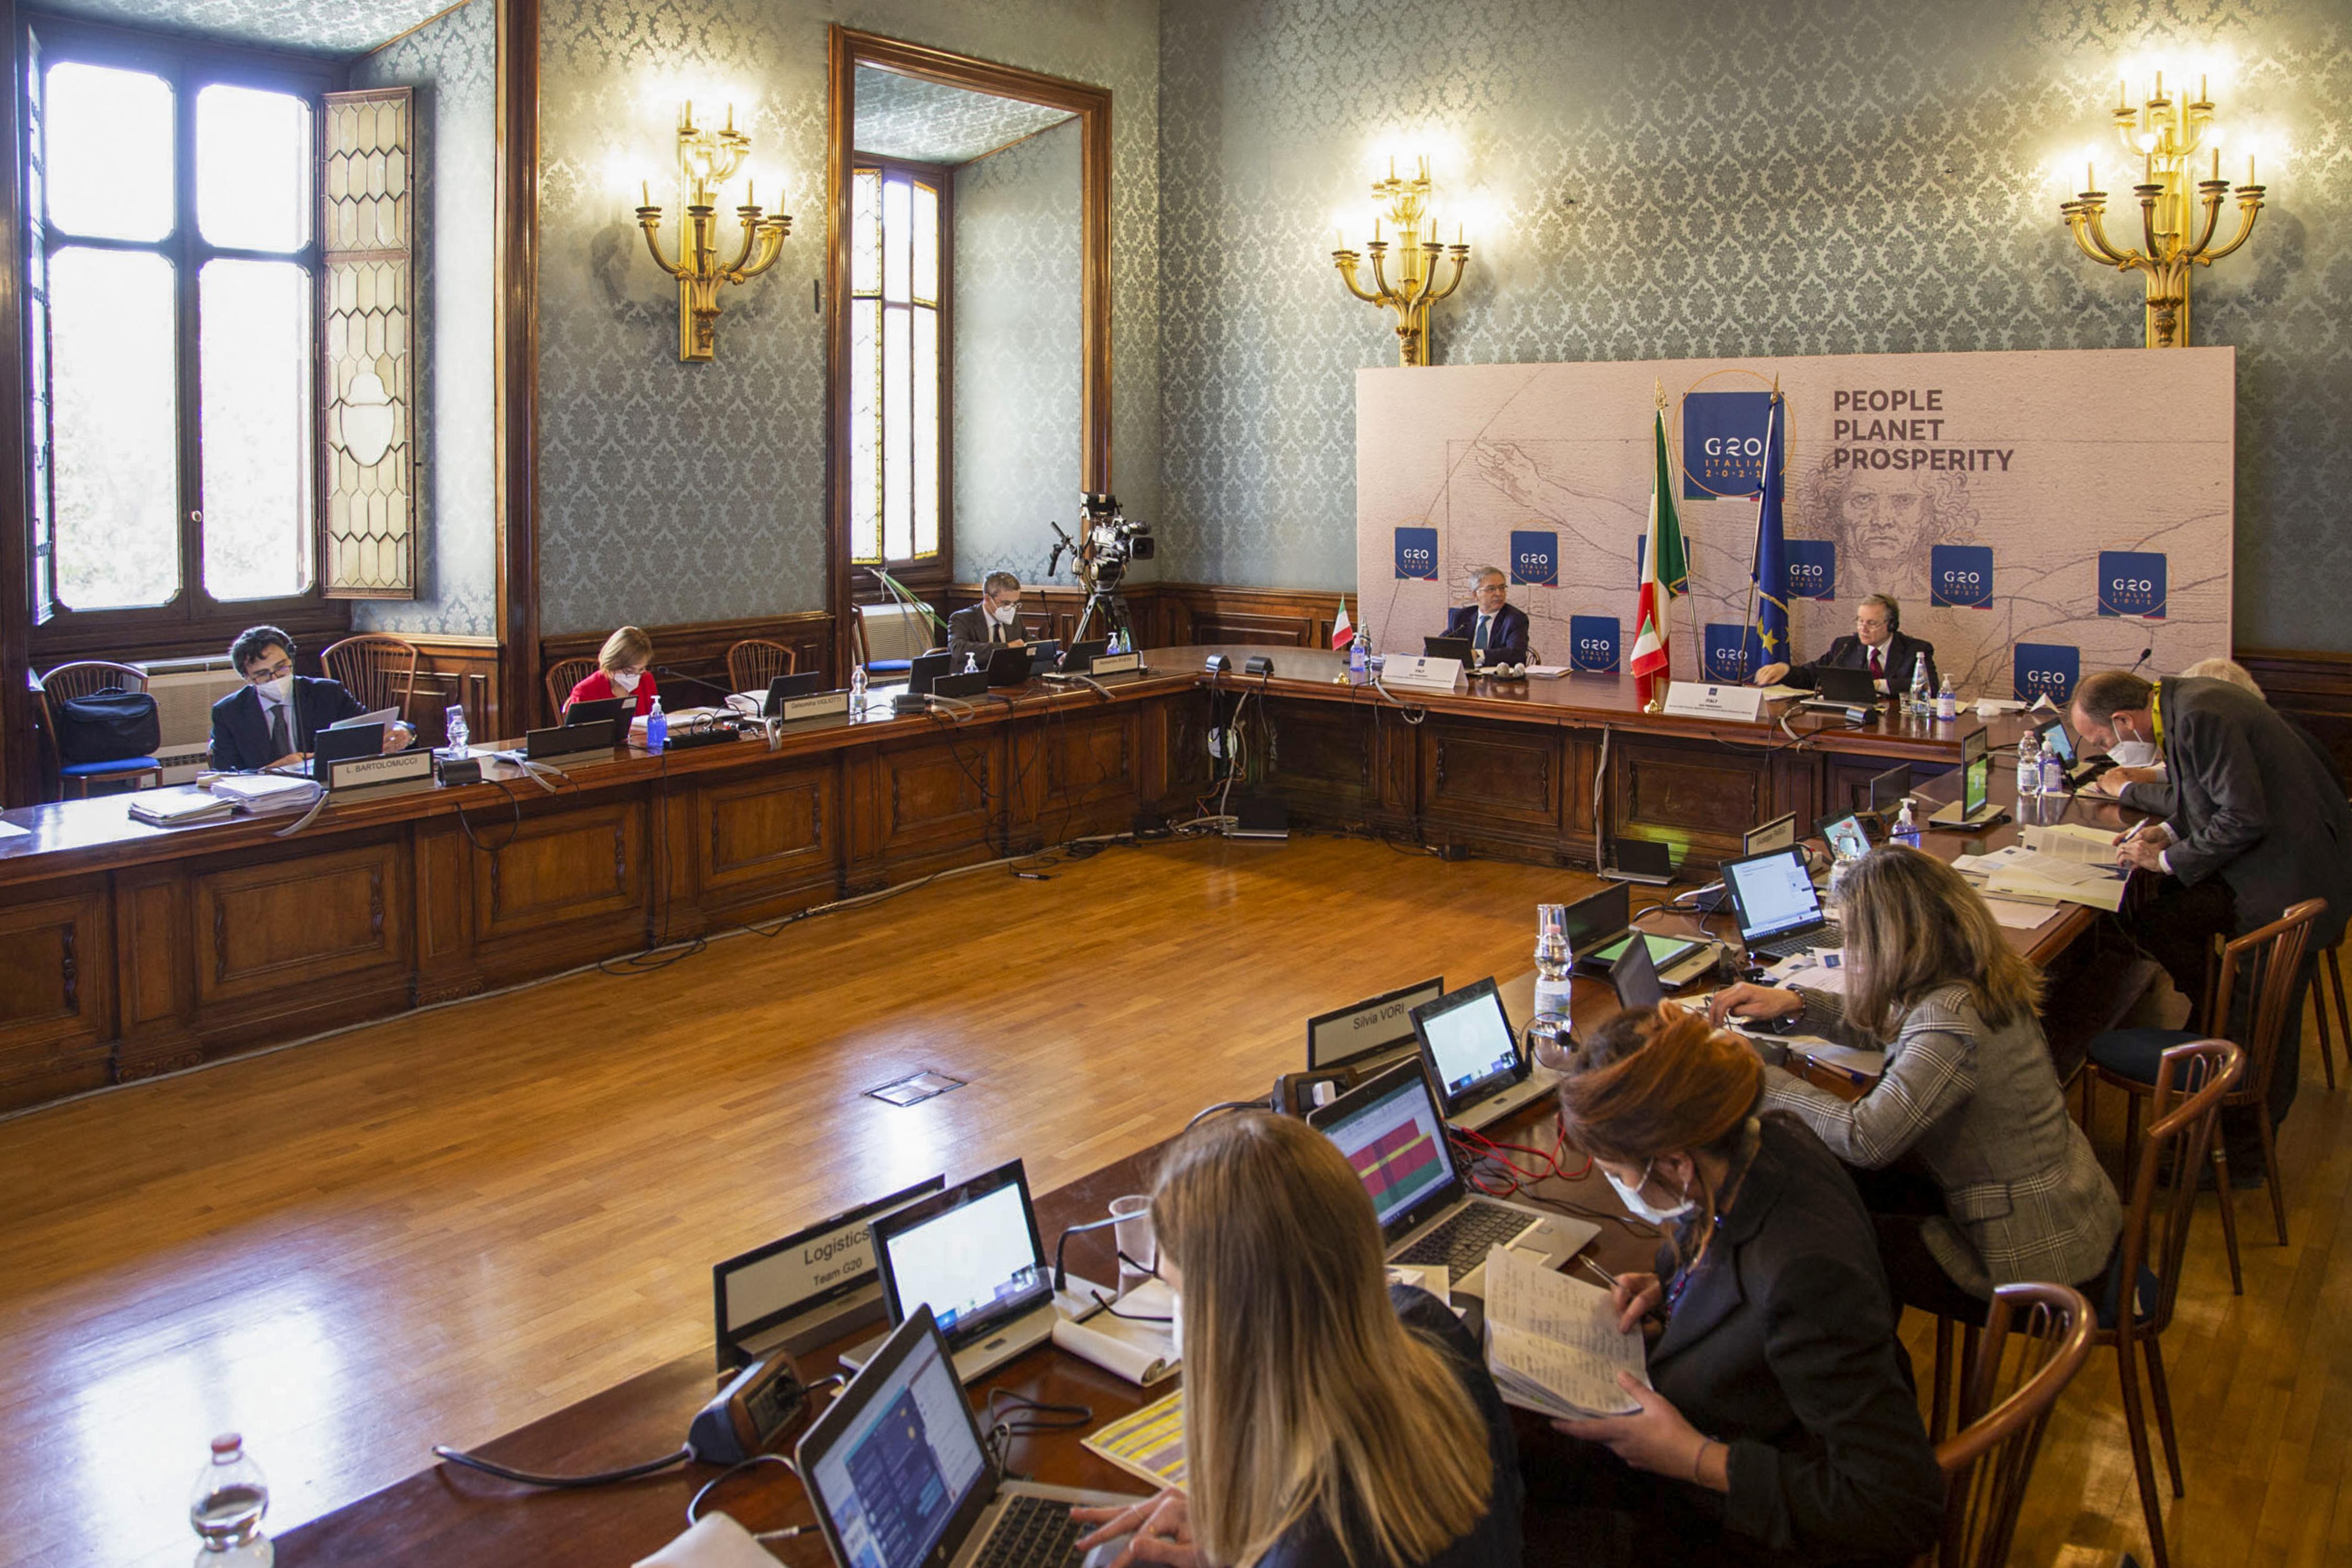 (Os dirigentes pediram ao Fundo Monetário Internacional (FMI) que aumente a ajuda às nações mais afetadas pelo vírus. Foto: Handout / ITALIAN FINANCE MINISTRY / AFP)